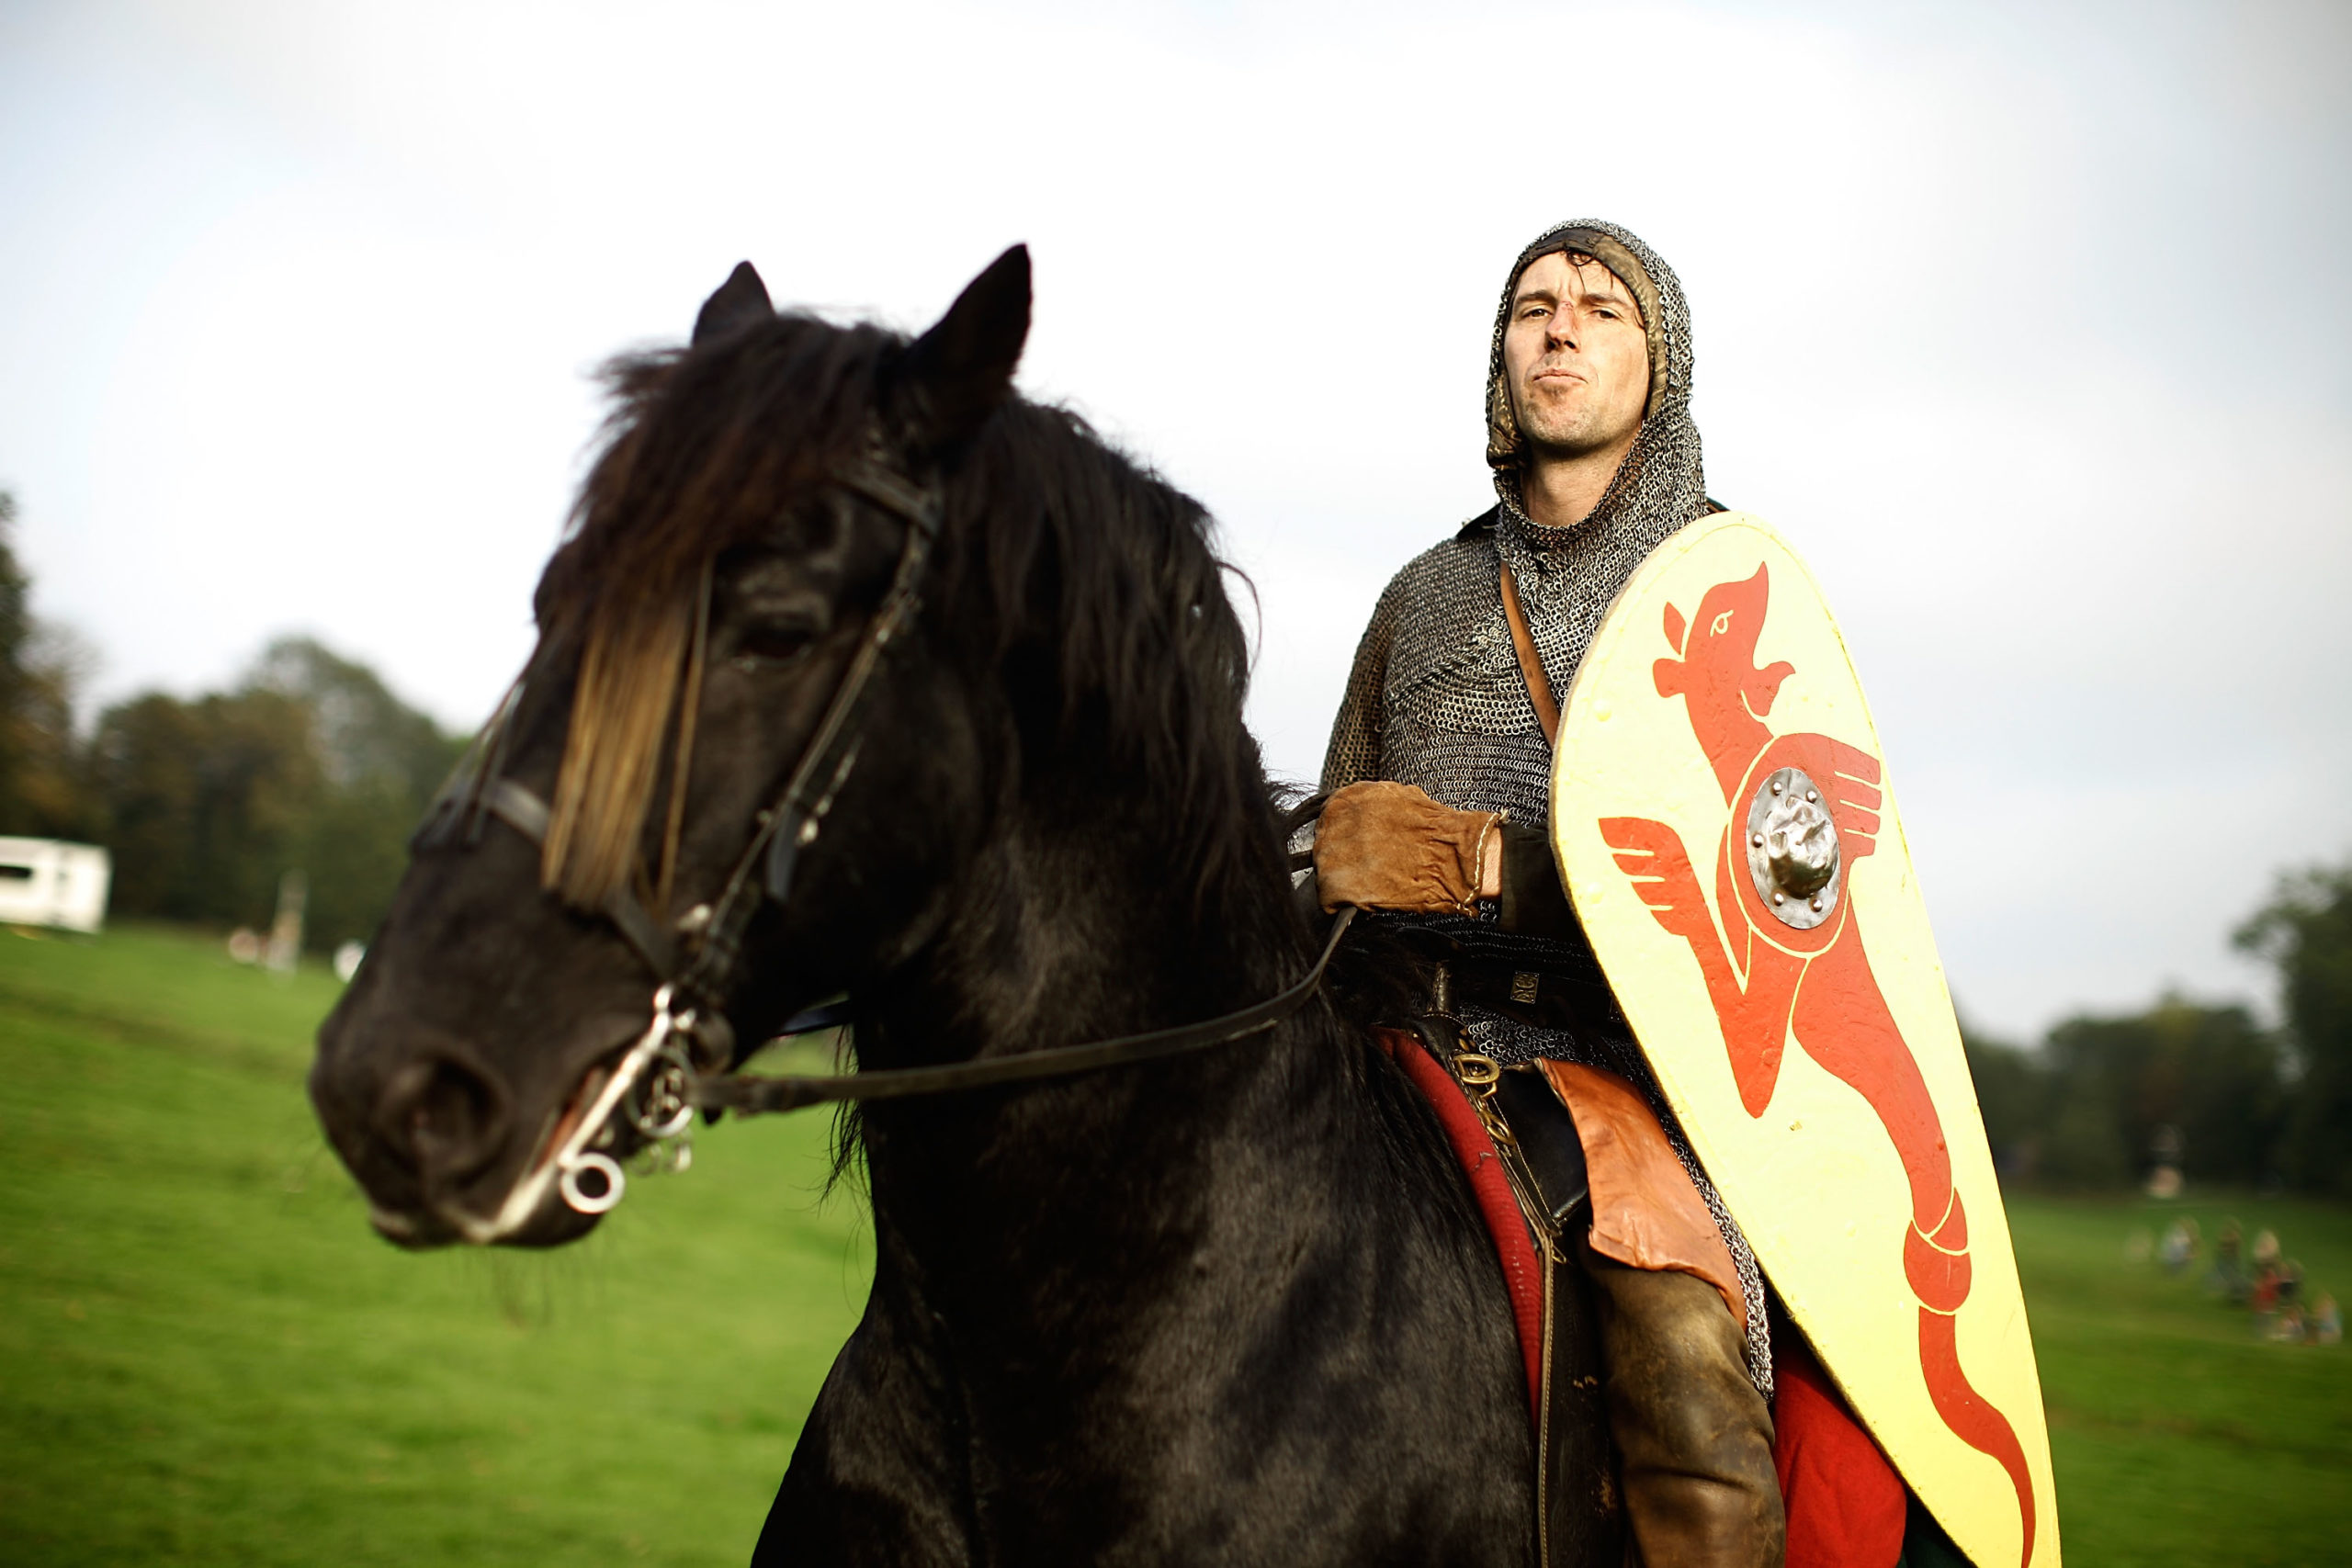 William the Conqueror facts